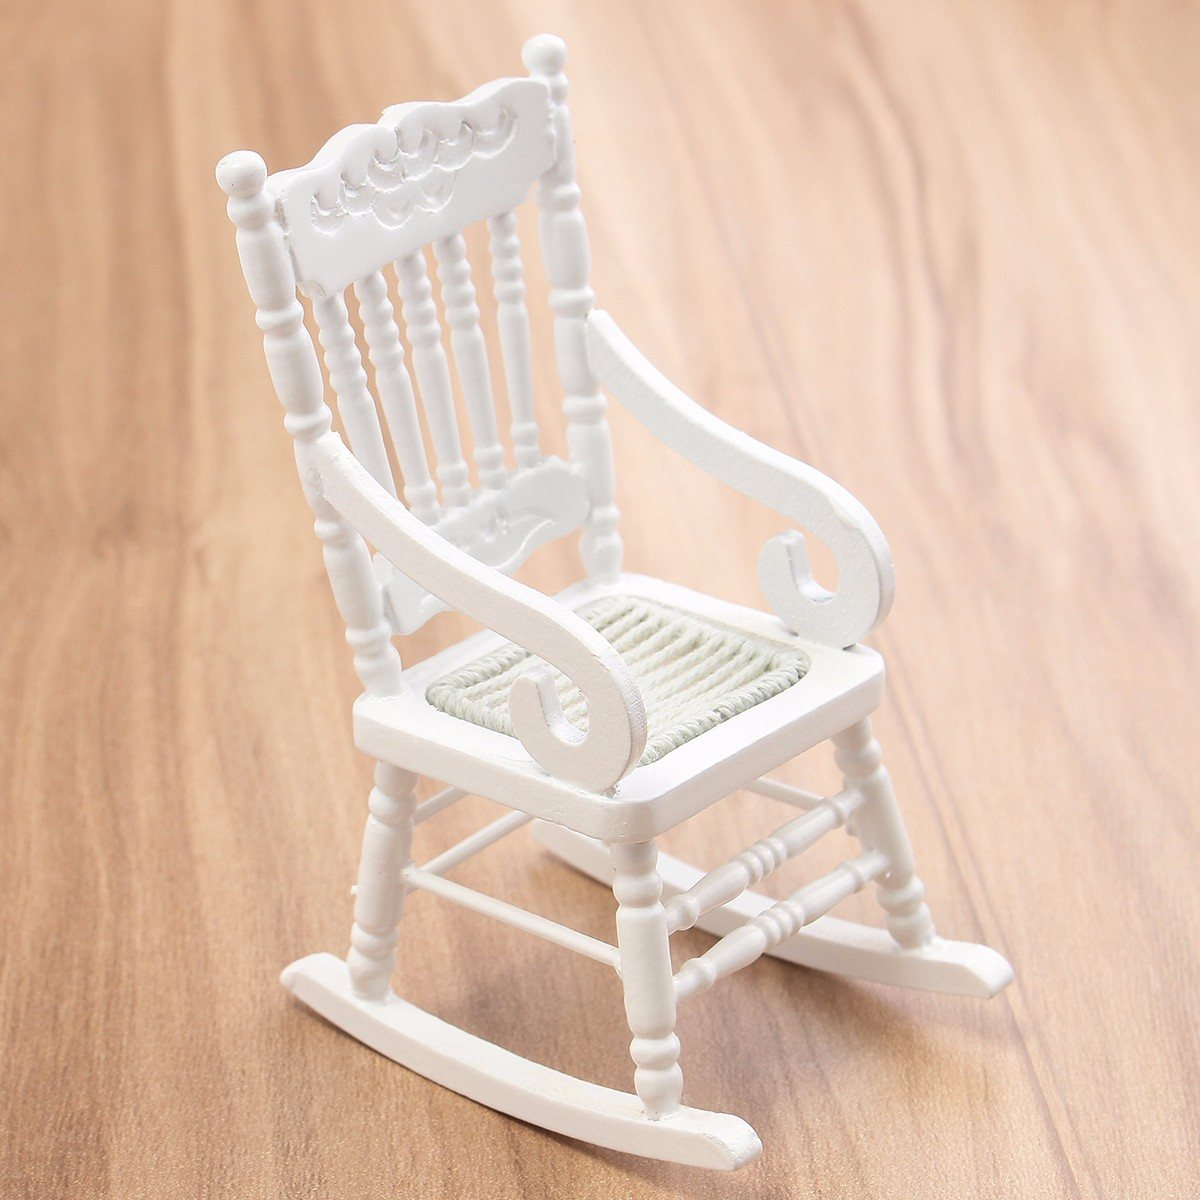 Nueva silla mecedora de madera blanca en miniatura para casa de muñecas 1:12, asiento de cuerda de cáñamo para casa de muñecas, accesorios de decoración de Juguetes